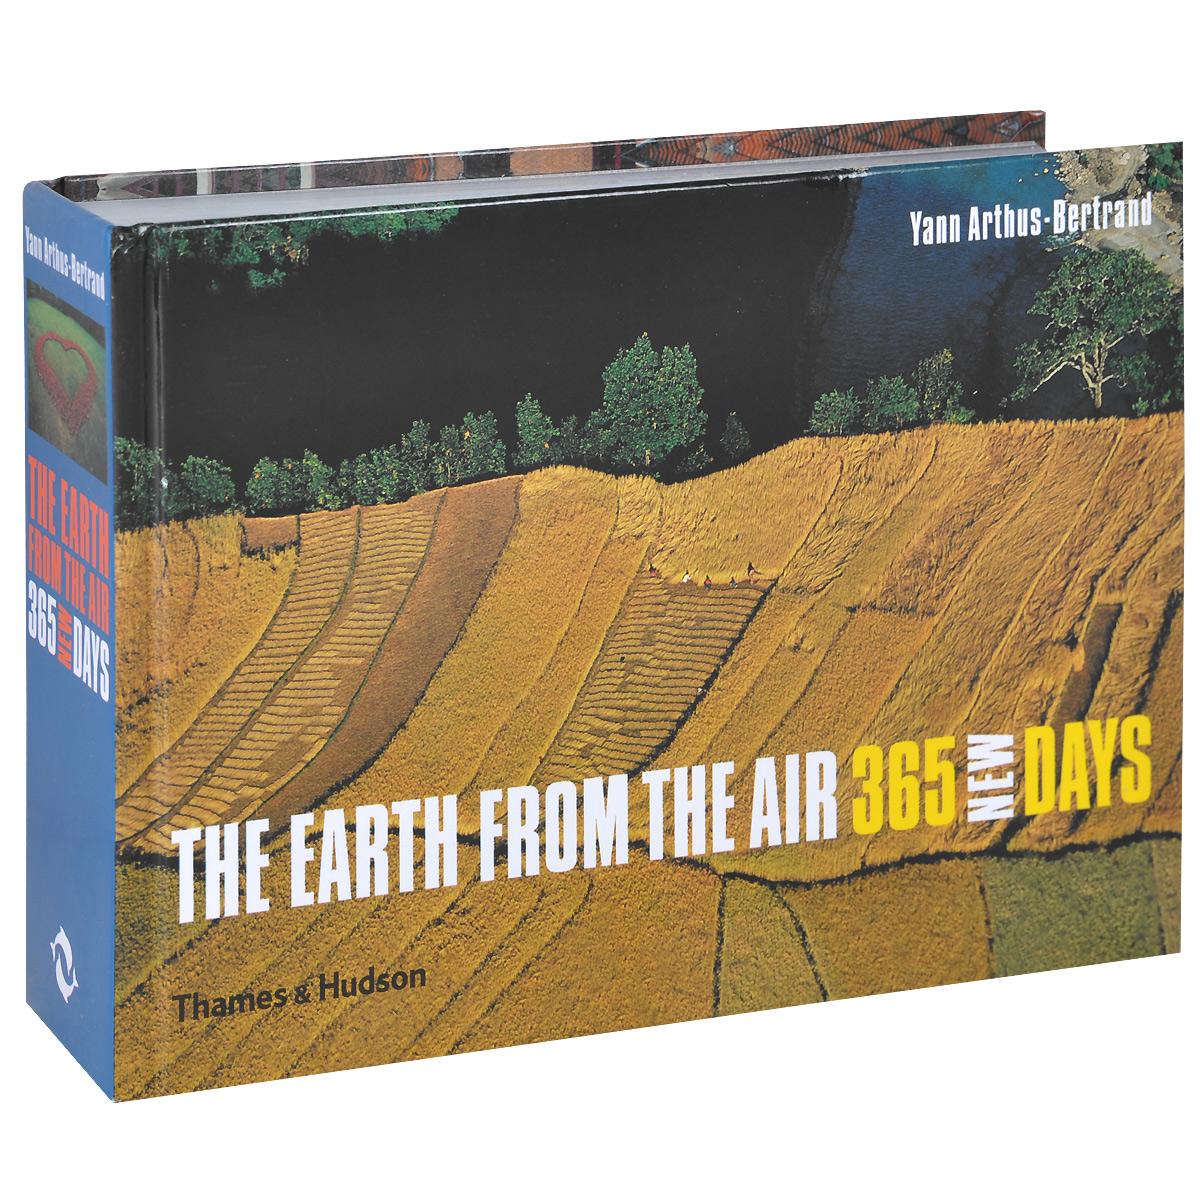 цены на The Earth from the Air: 365 New Days в интернет-магазинах